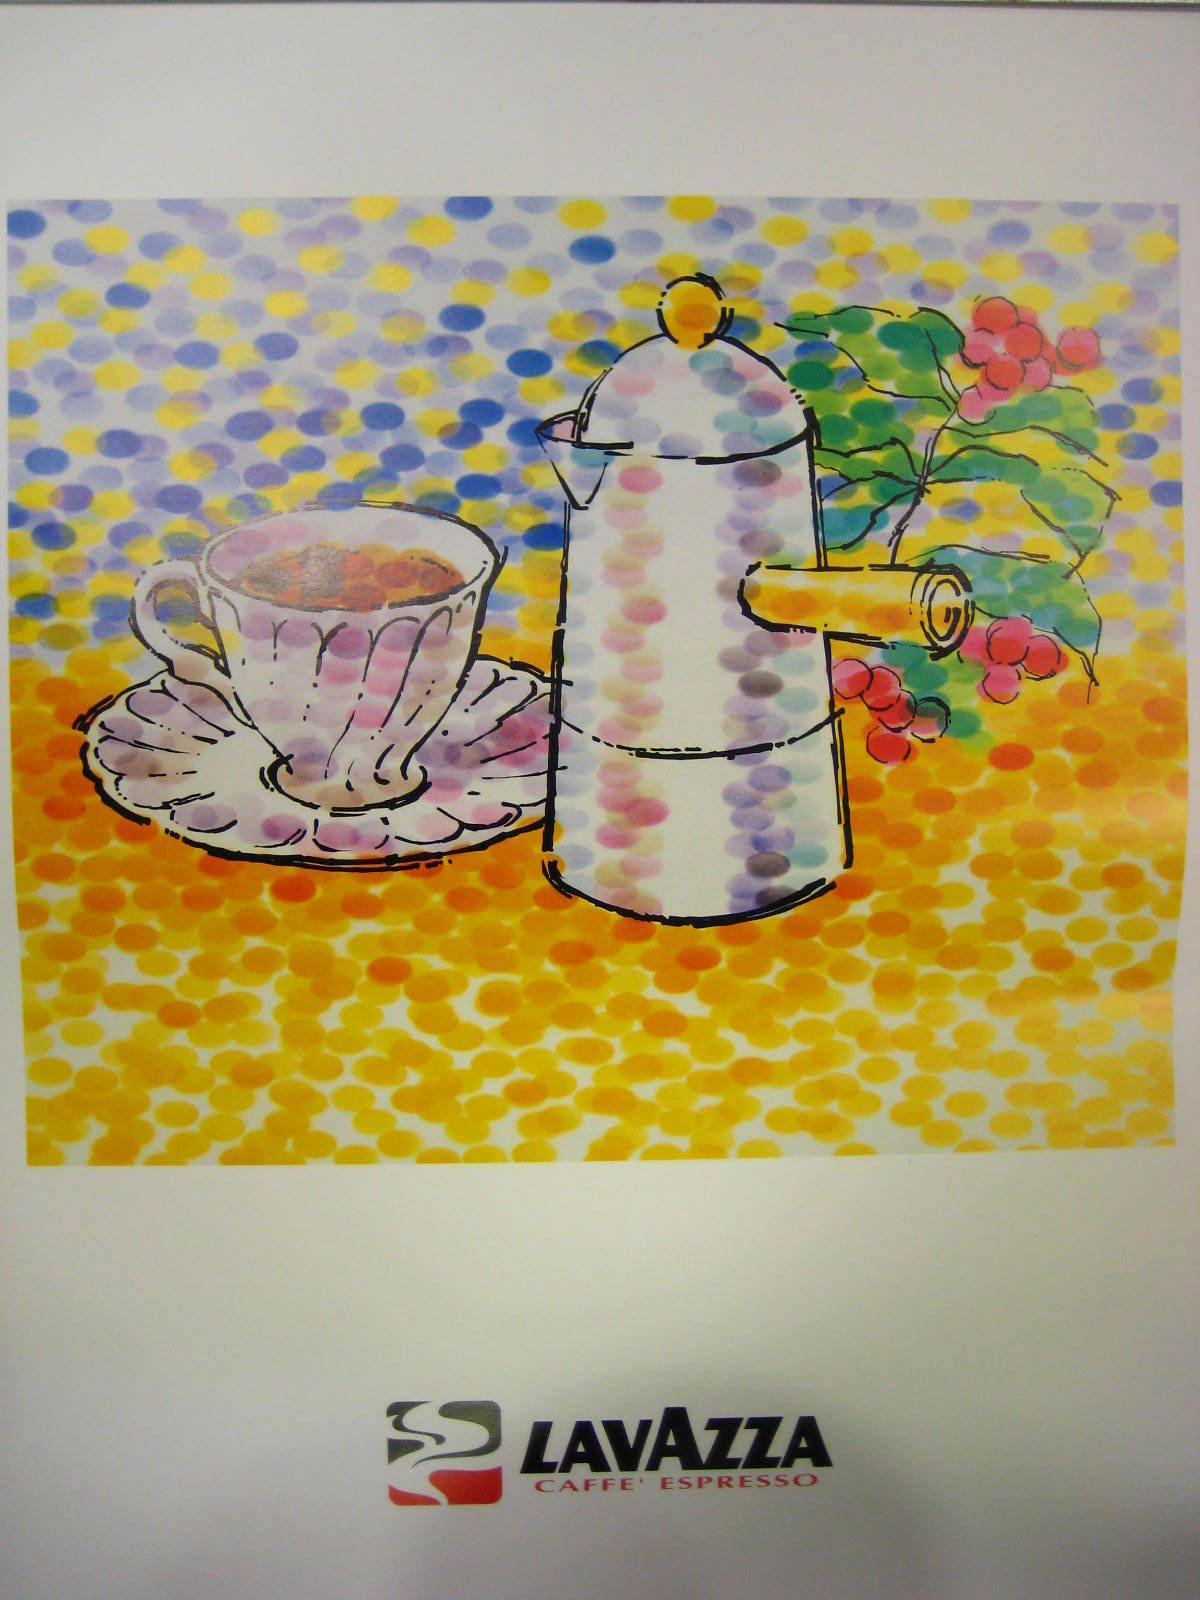 FAMILIES RITRATTI INTORNO AL CAFFÈ Lavazza 2000 Calendar Poster